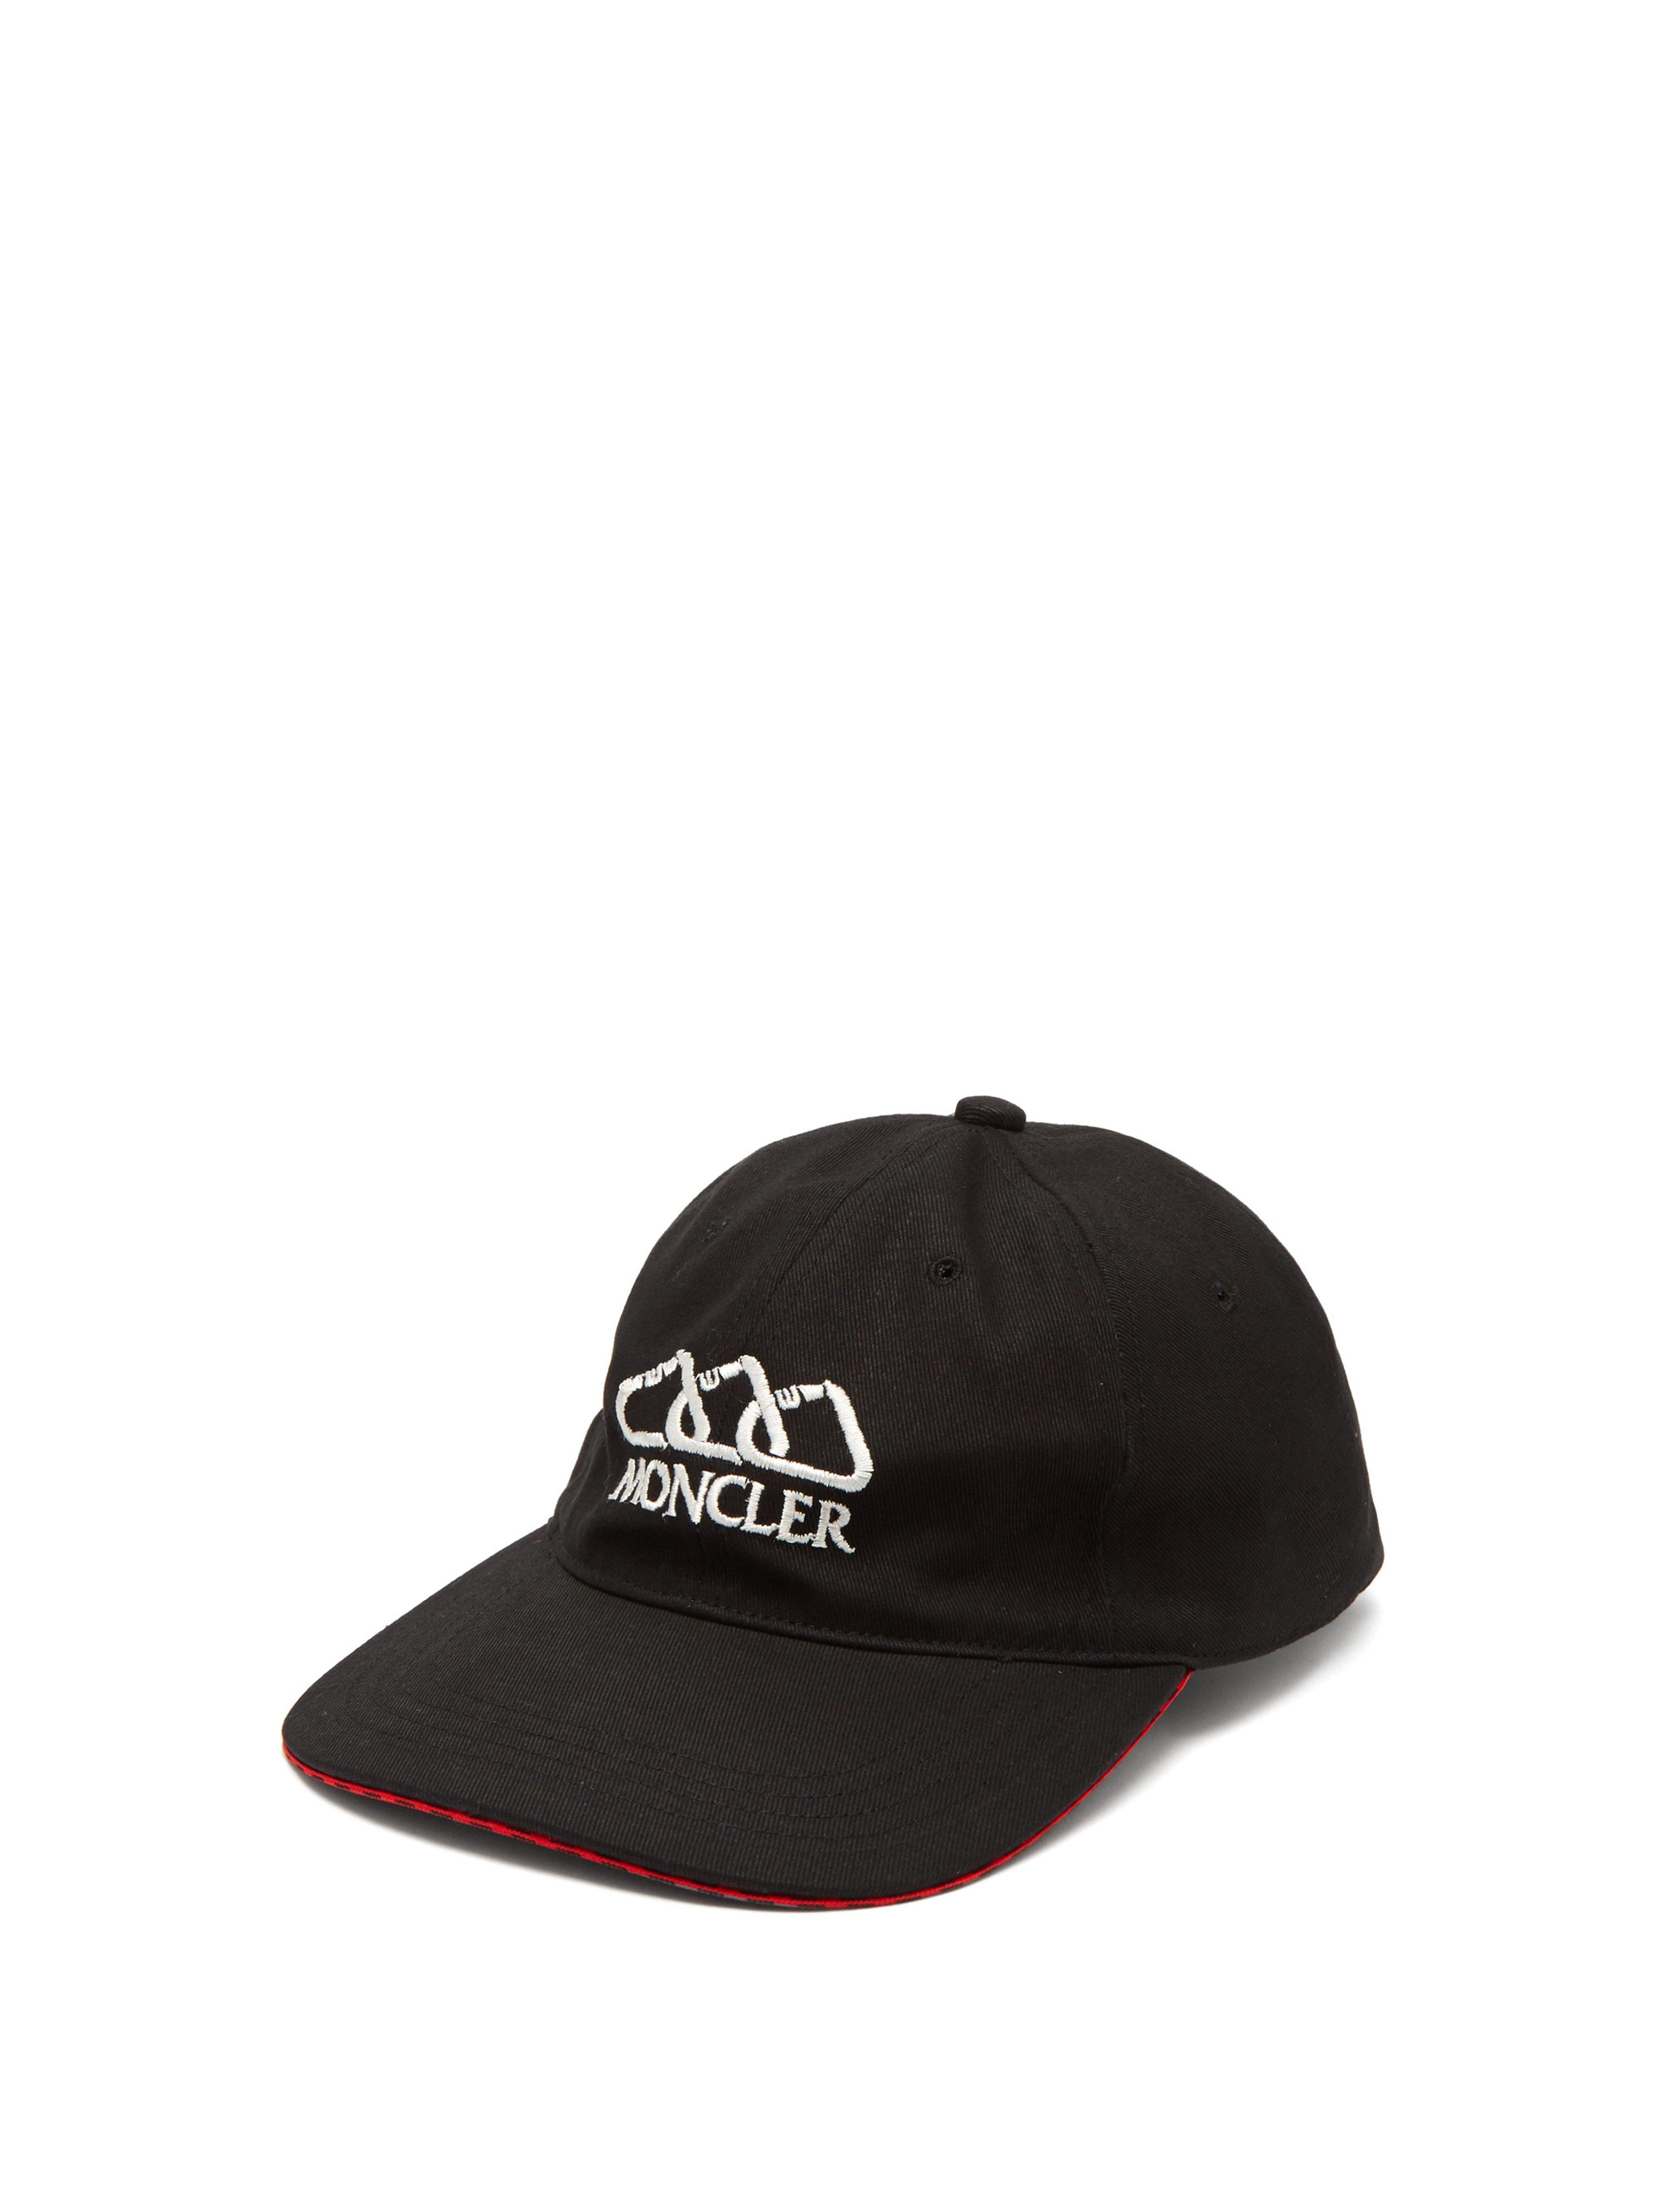 62ca7c860 Men s Black Logo Embroidered Cotton Cap